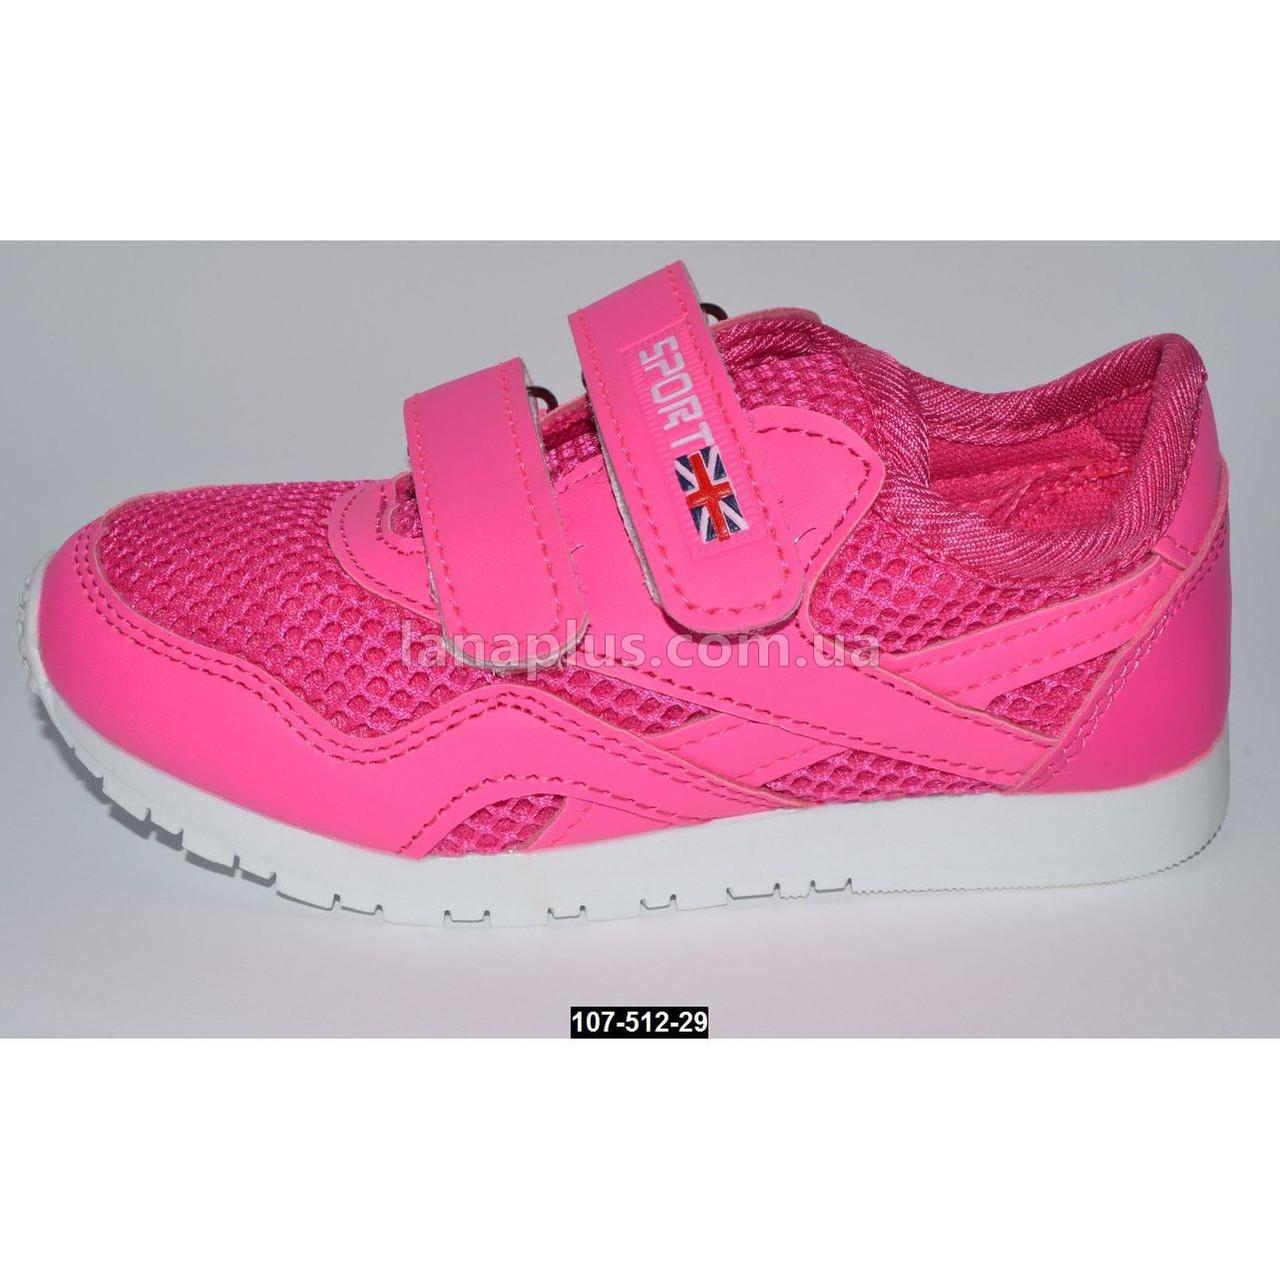 Кроссовки для девочки, 26-31 размер, кожаная стелька, супинатор